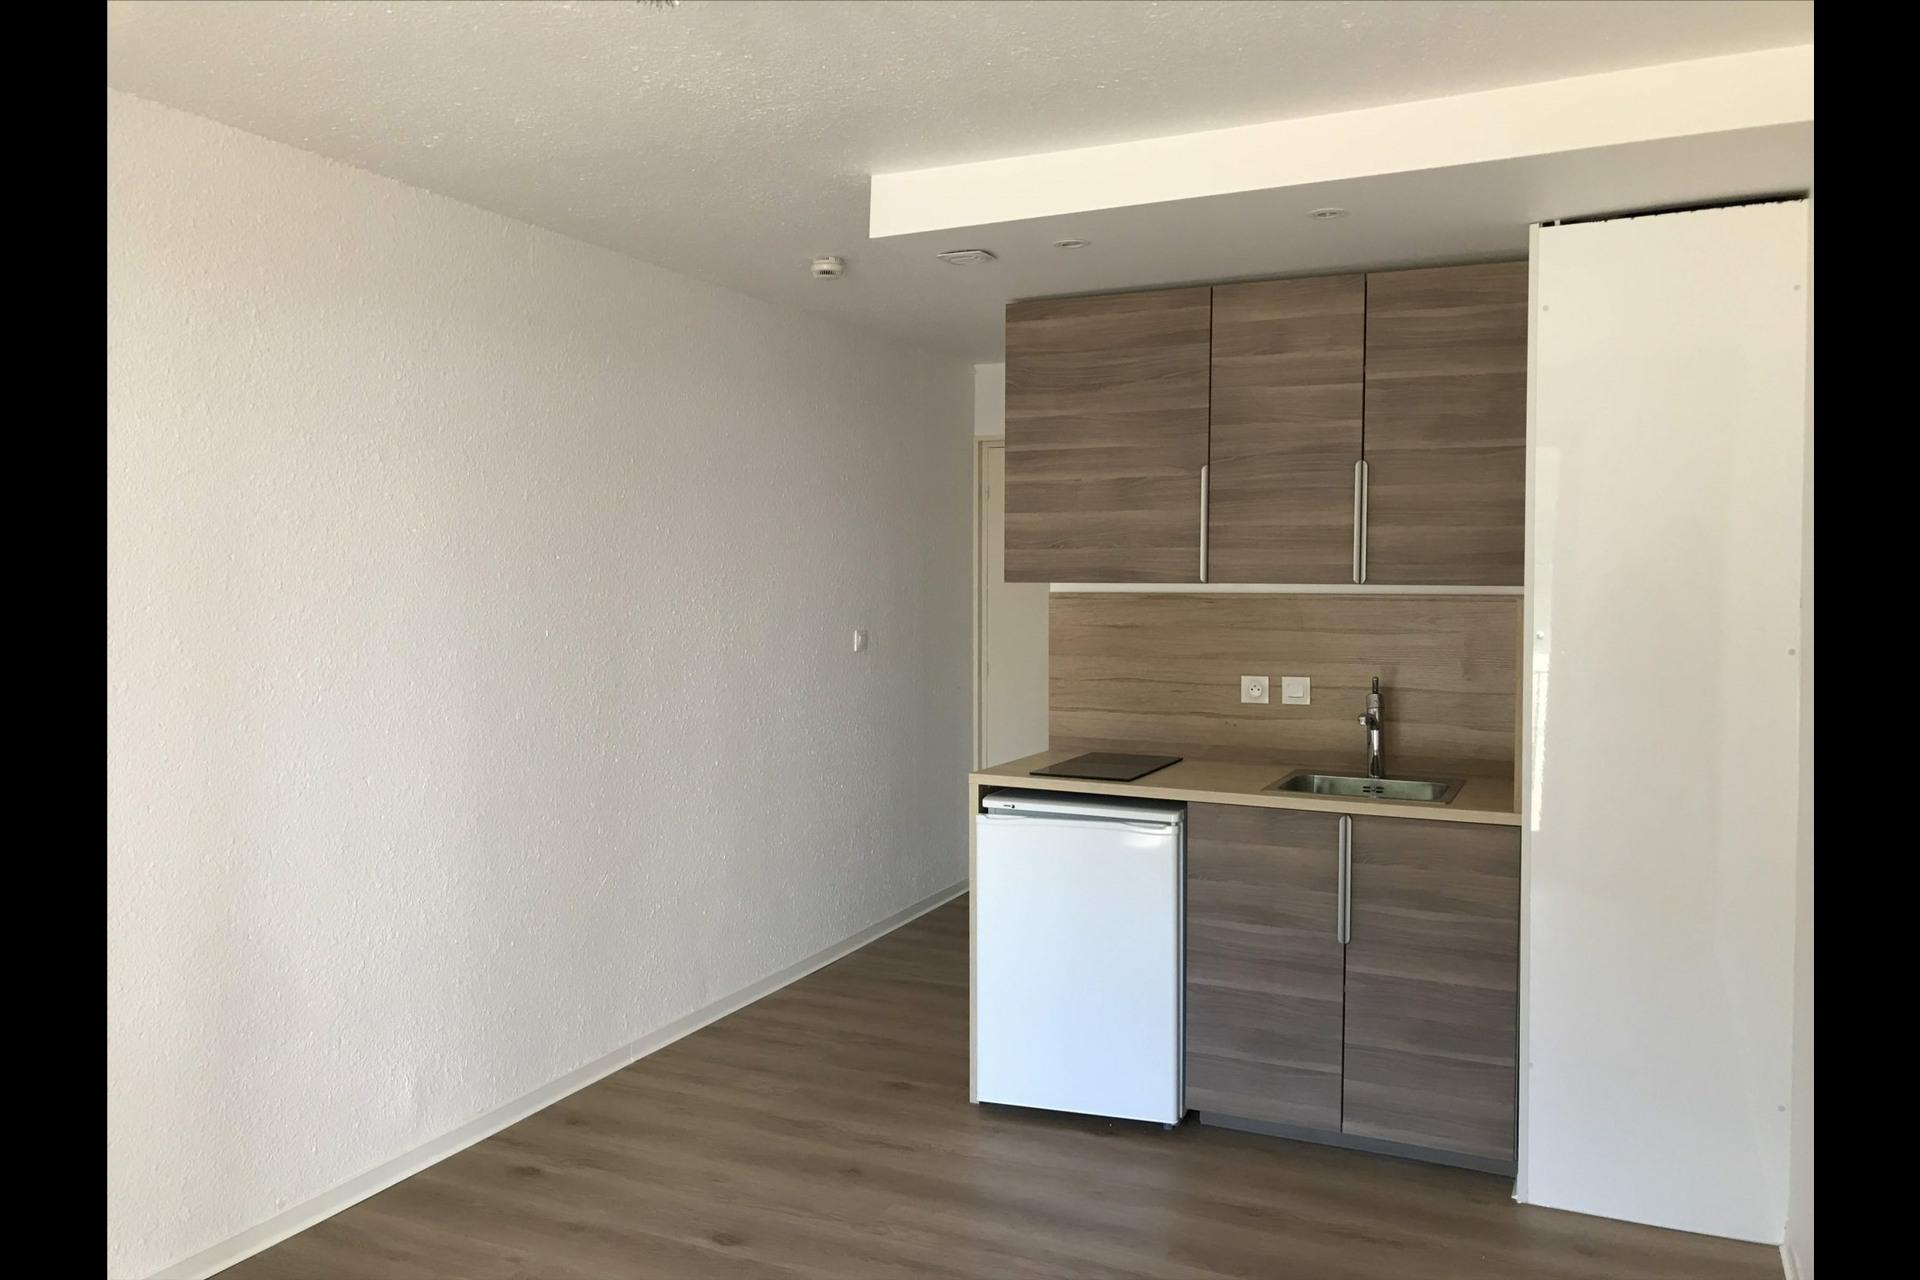 image 0 - Appartement À louer VANDOEUVRE LES NANCY VANDOEUVRE  BRABOIS Plateau de Brabois - 1 pièce